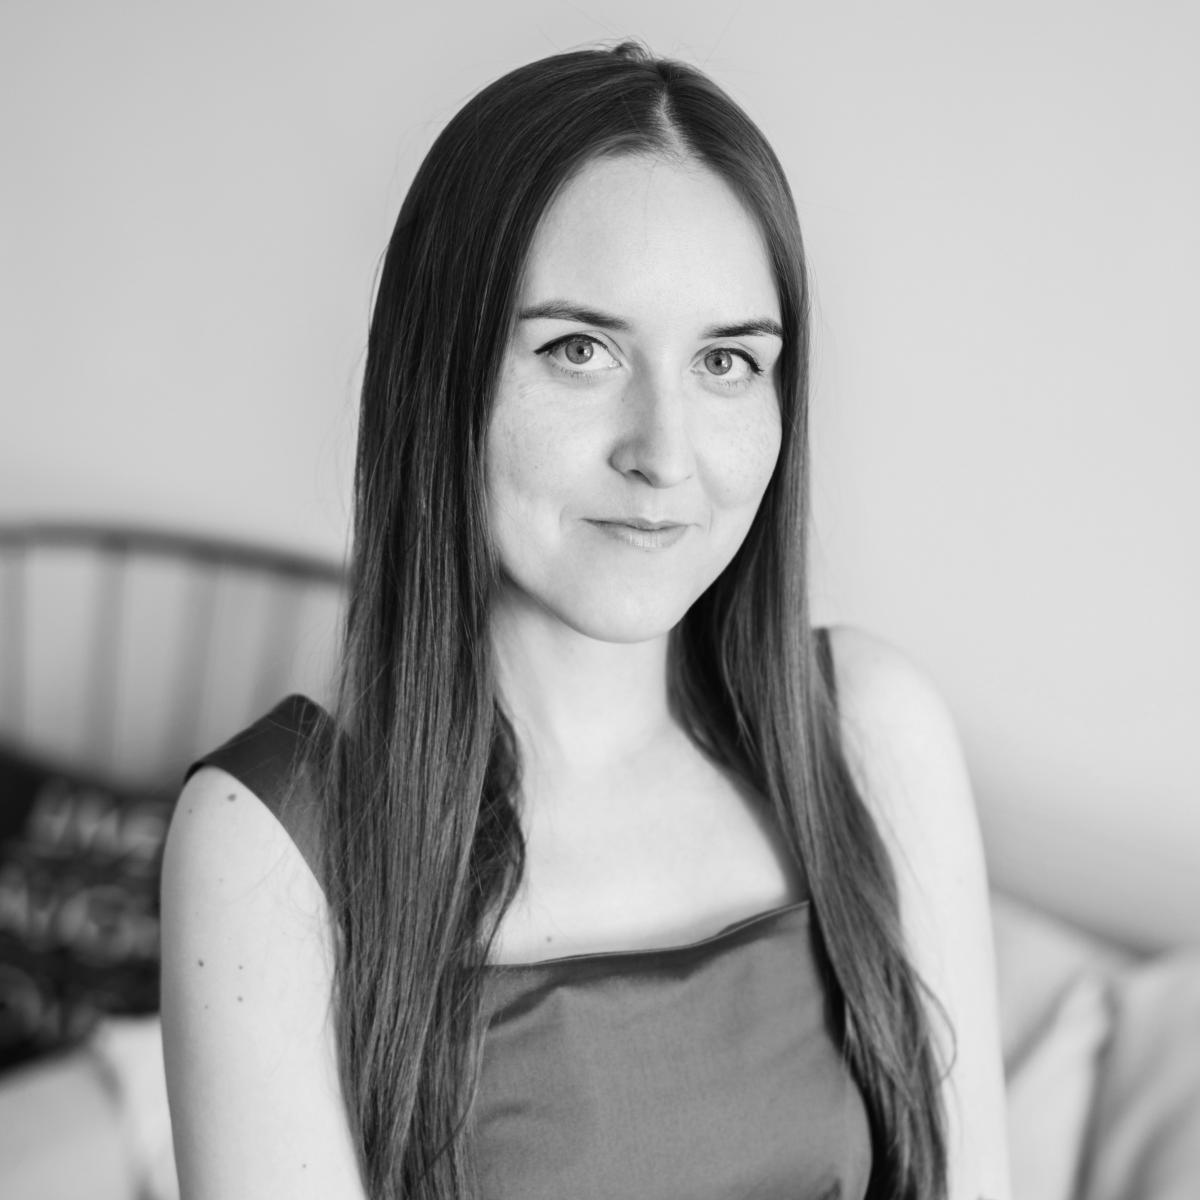 Юлия Атаманенко